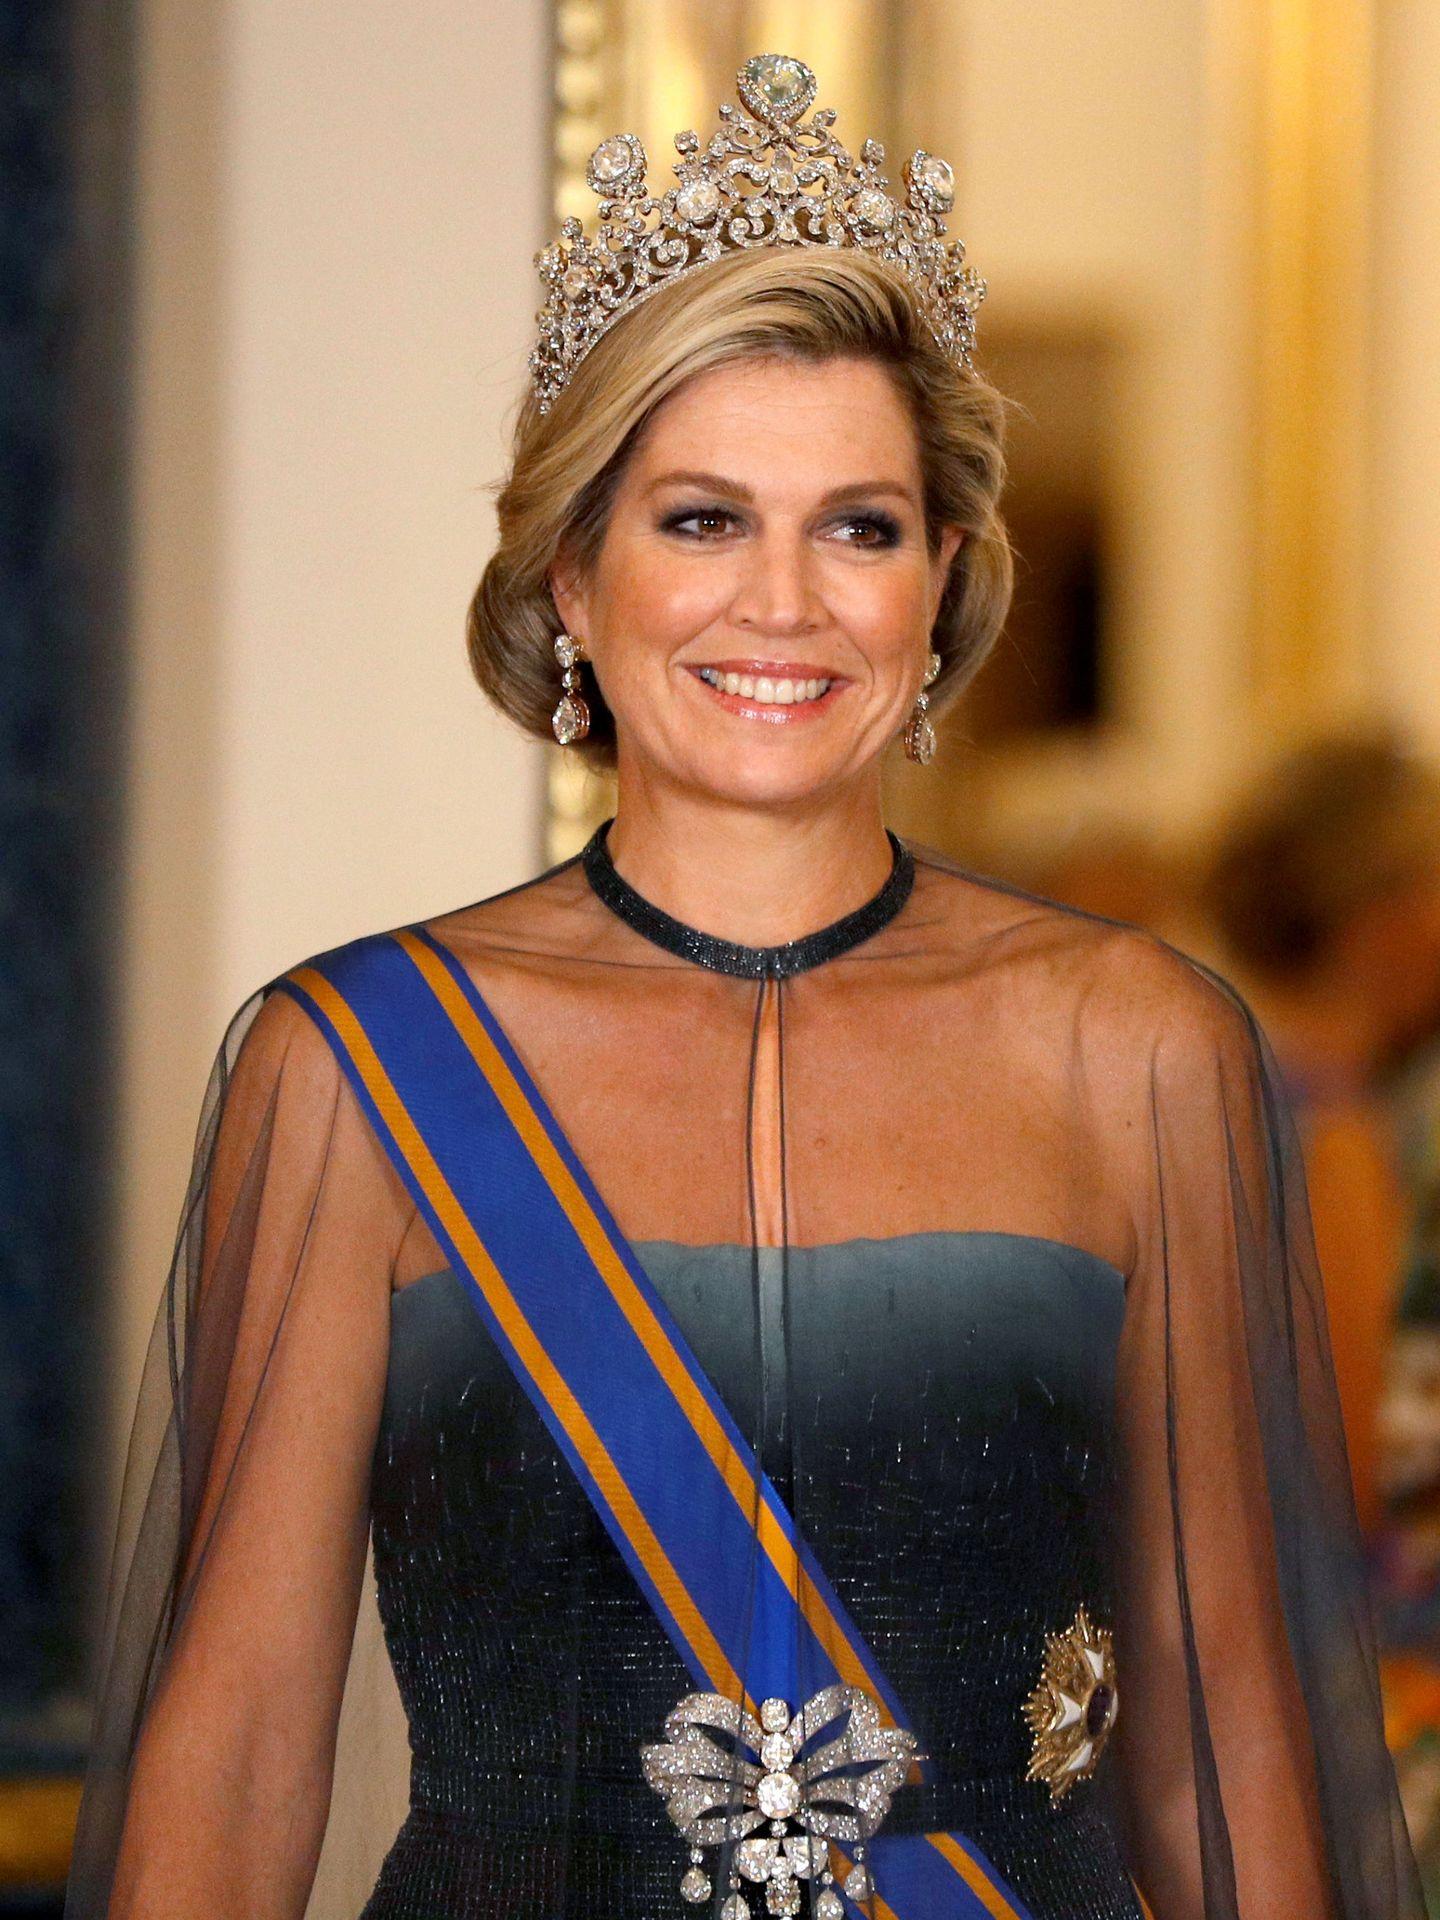 La reina de Holanda. (Reuters)